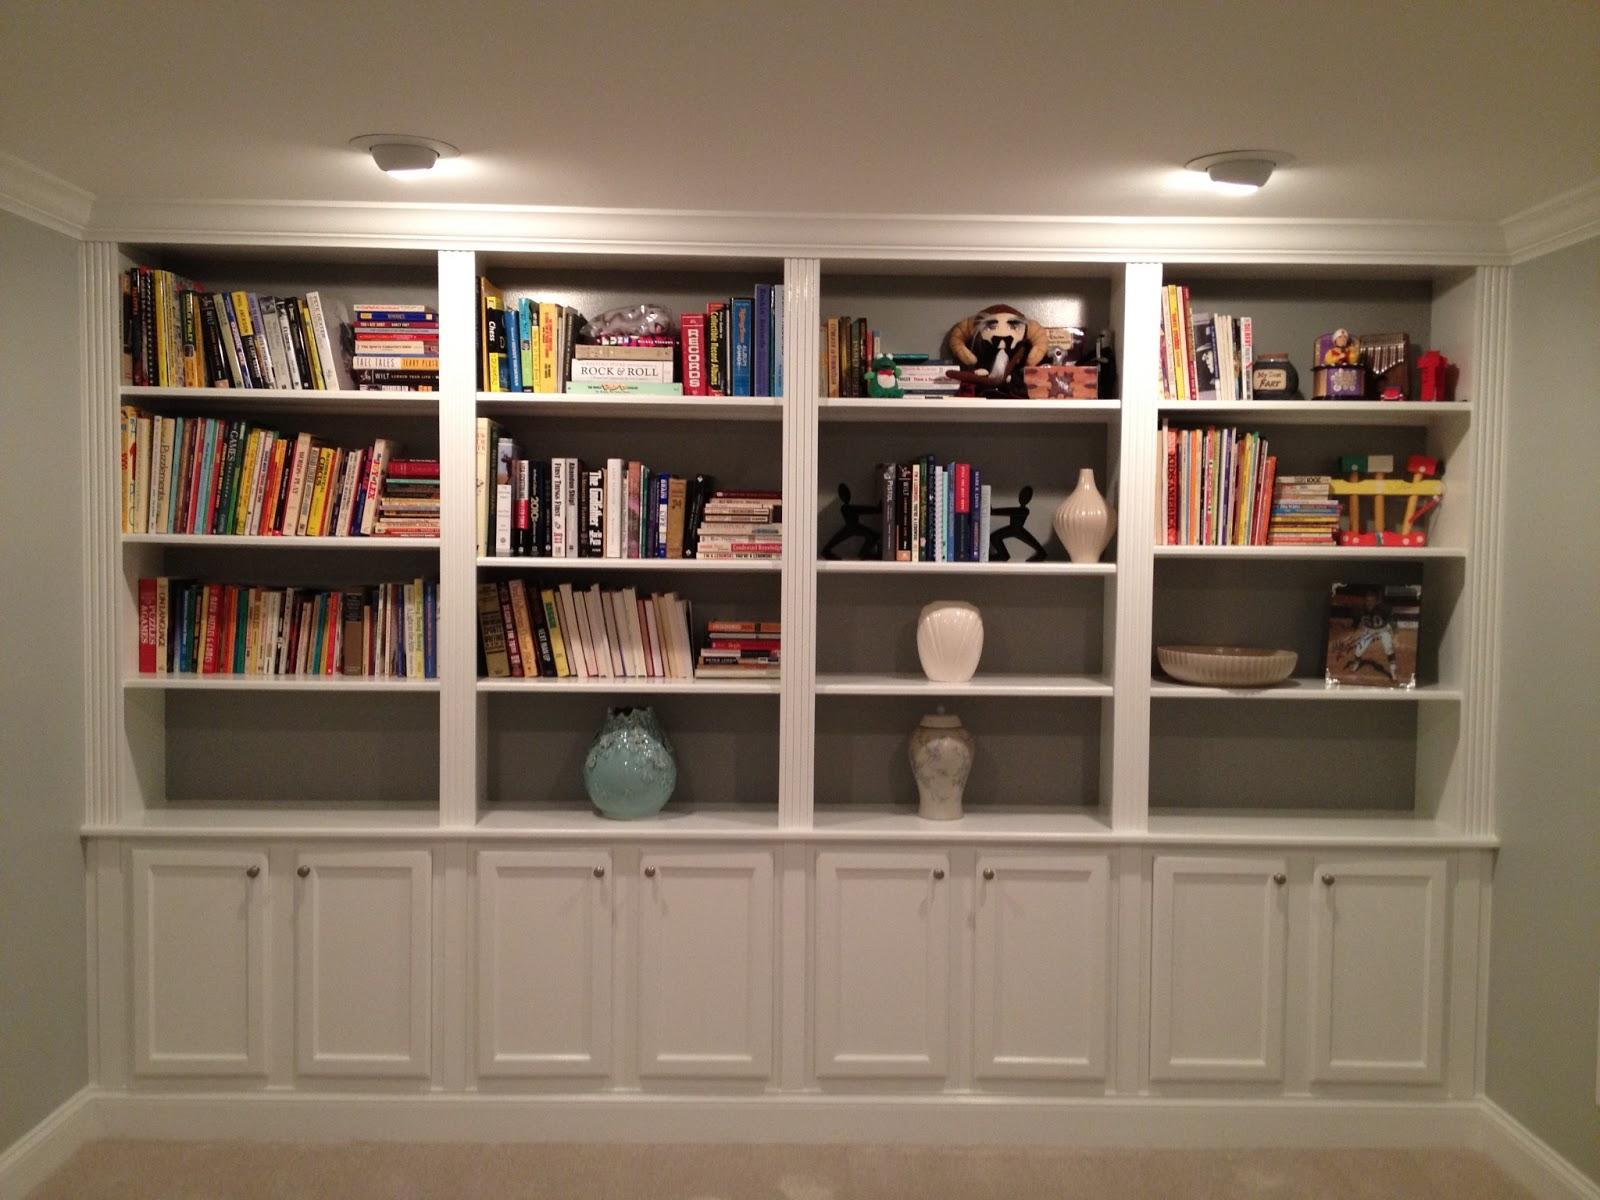 Stephanie Kraus Designs: Monster Bookcase Restyled Three Ways